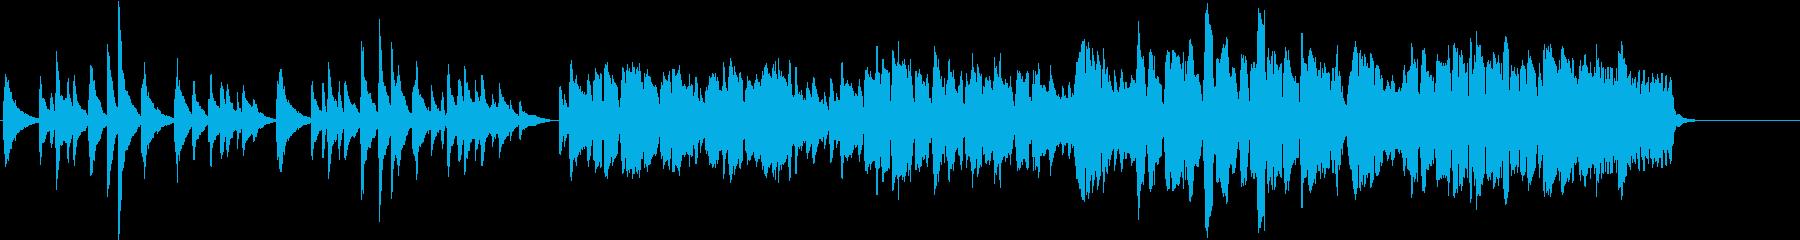 ディズニー ウエスタン風 スワニー河の再生済みの波形